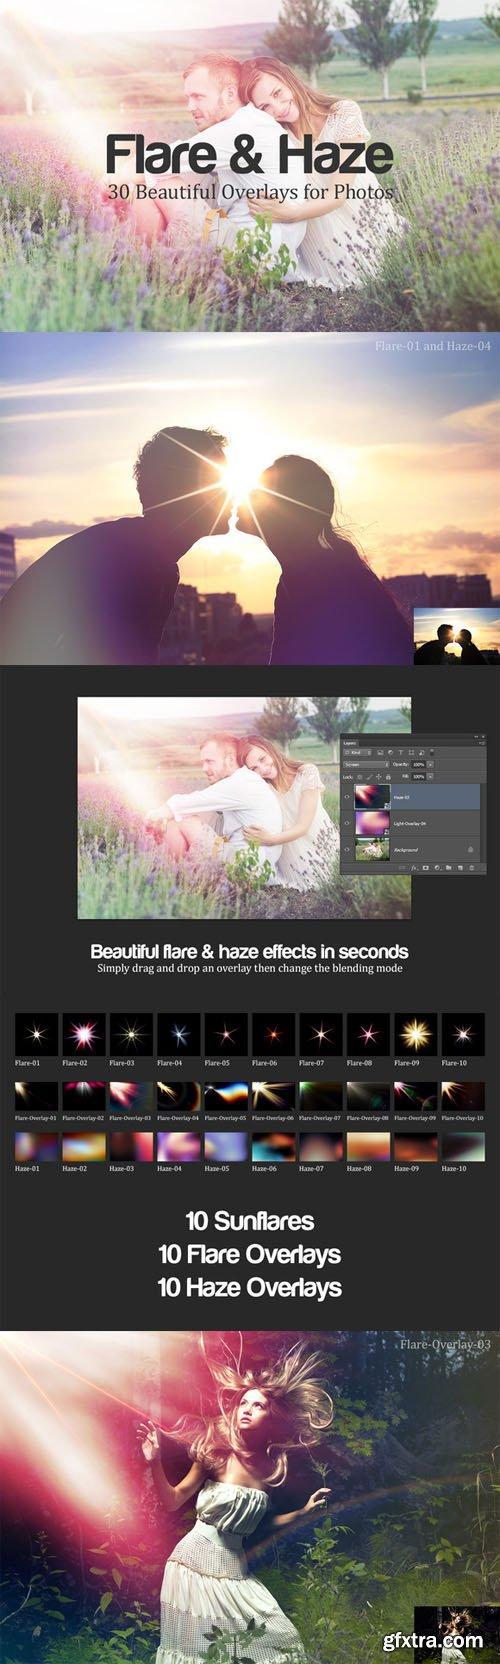 Flare & Haze: 30 Overlays for Photos - CM 16227